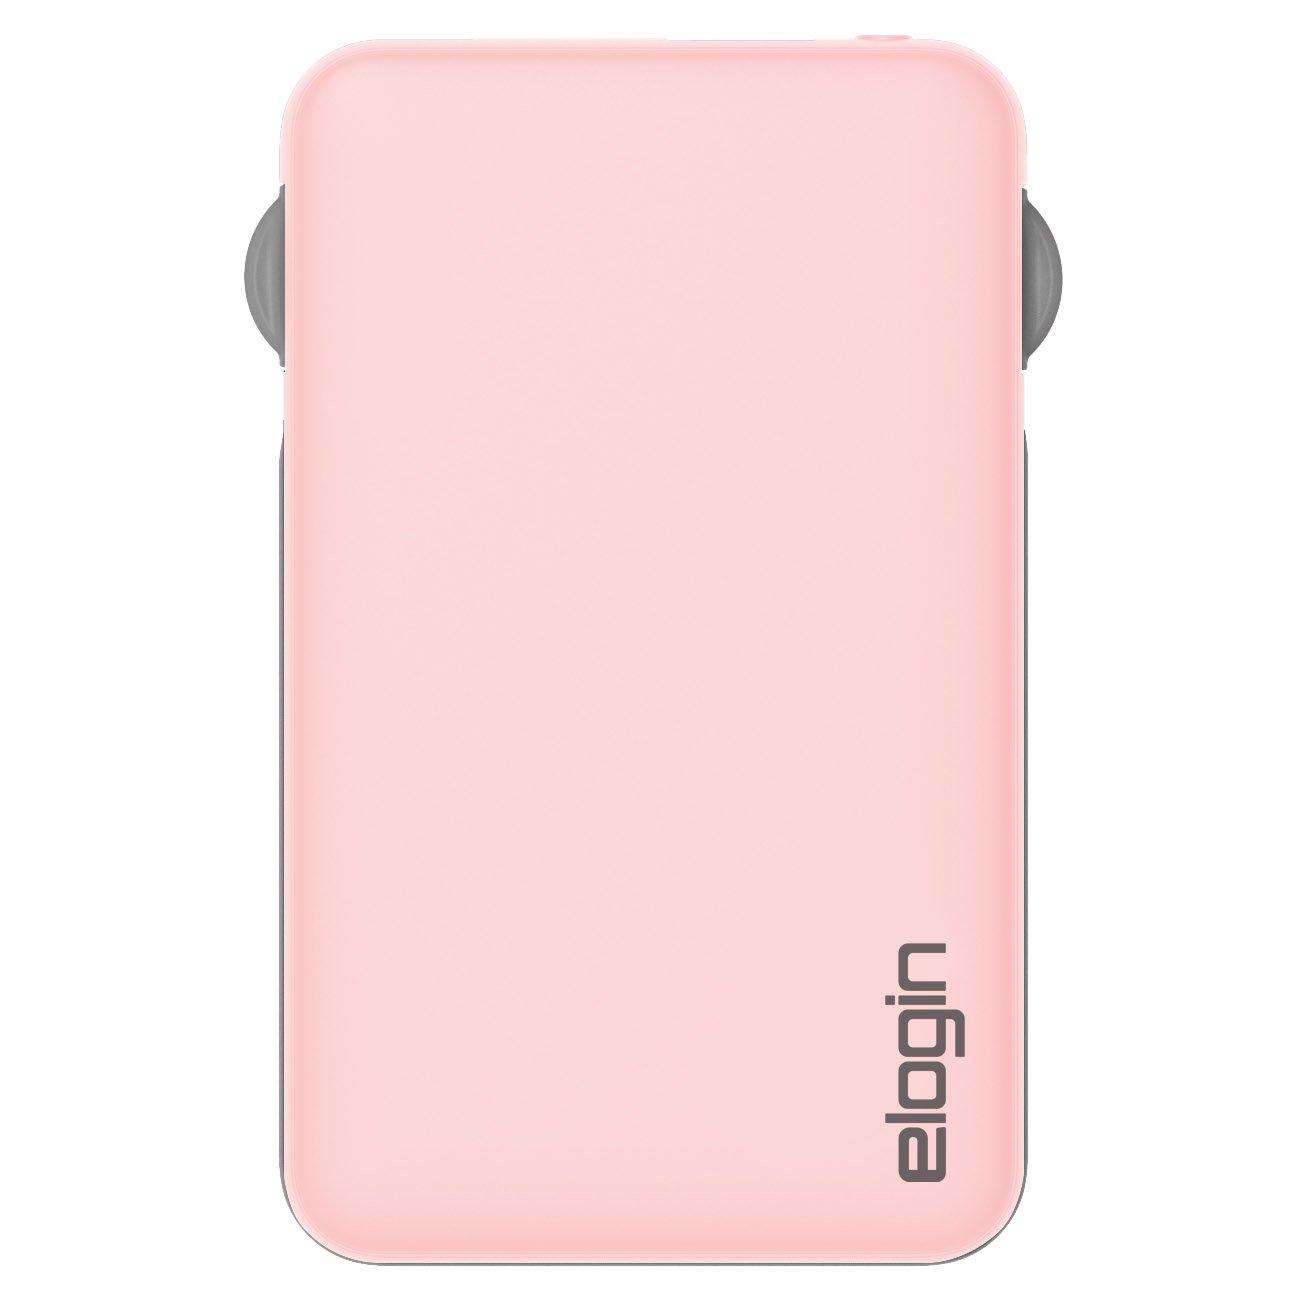 carregador portatil 5000mah elogin pb10 rosa 49743 2000 200840